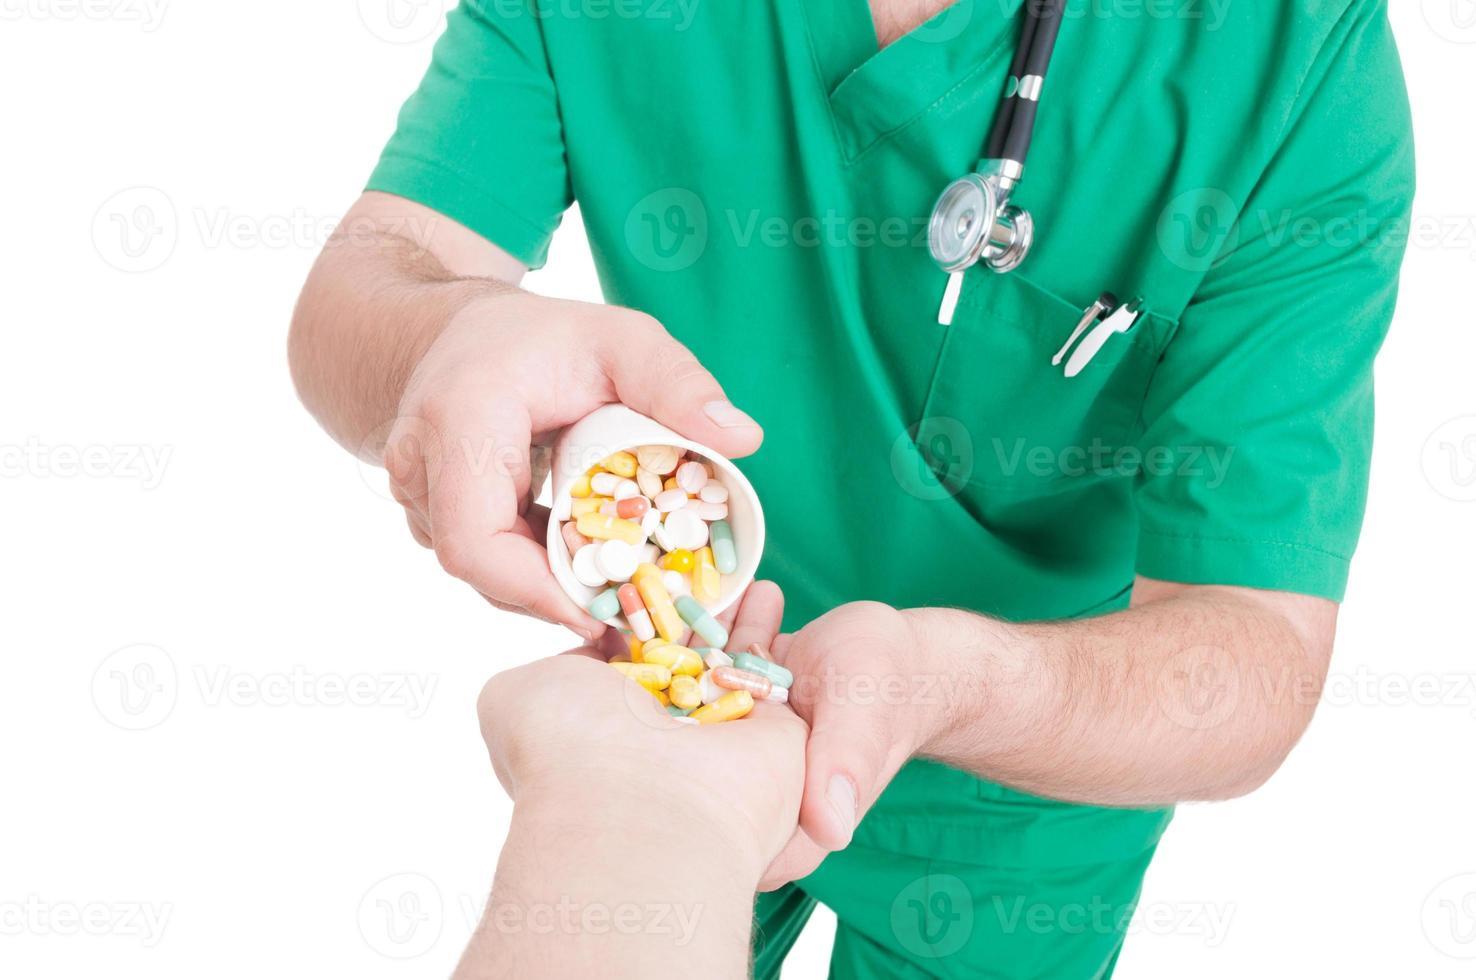 médico, médico o farmacéutico vertiendo pastillas en la mano del paciente foto